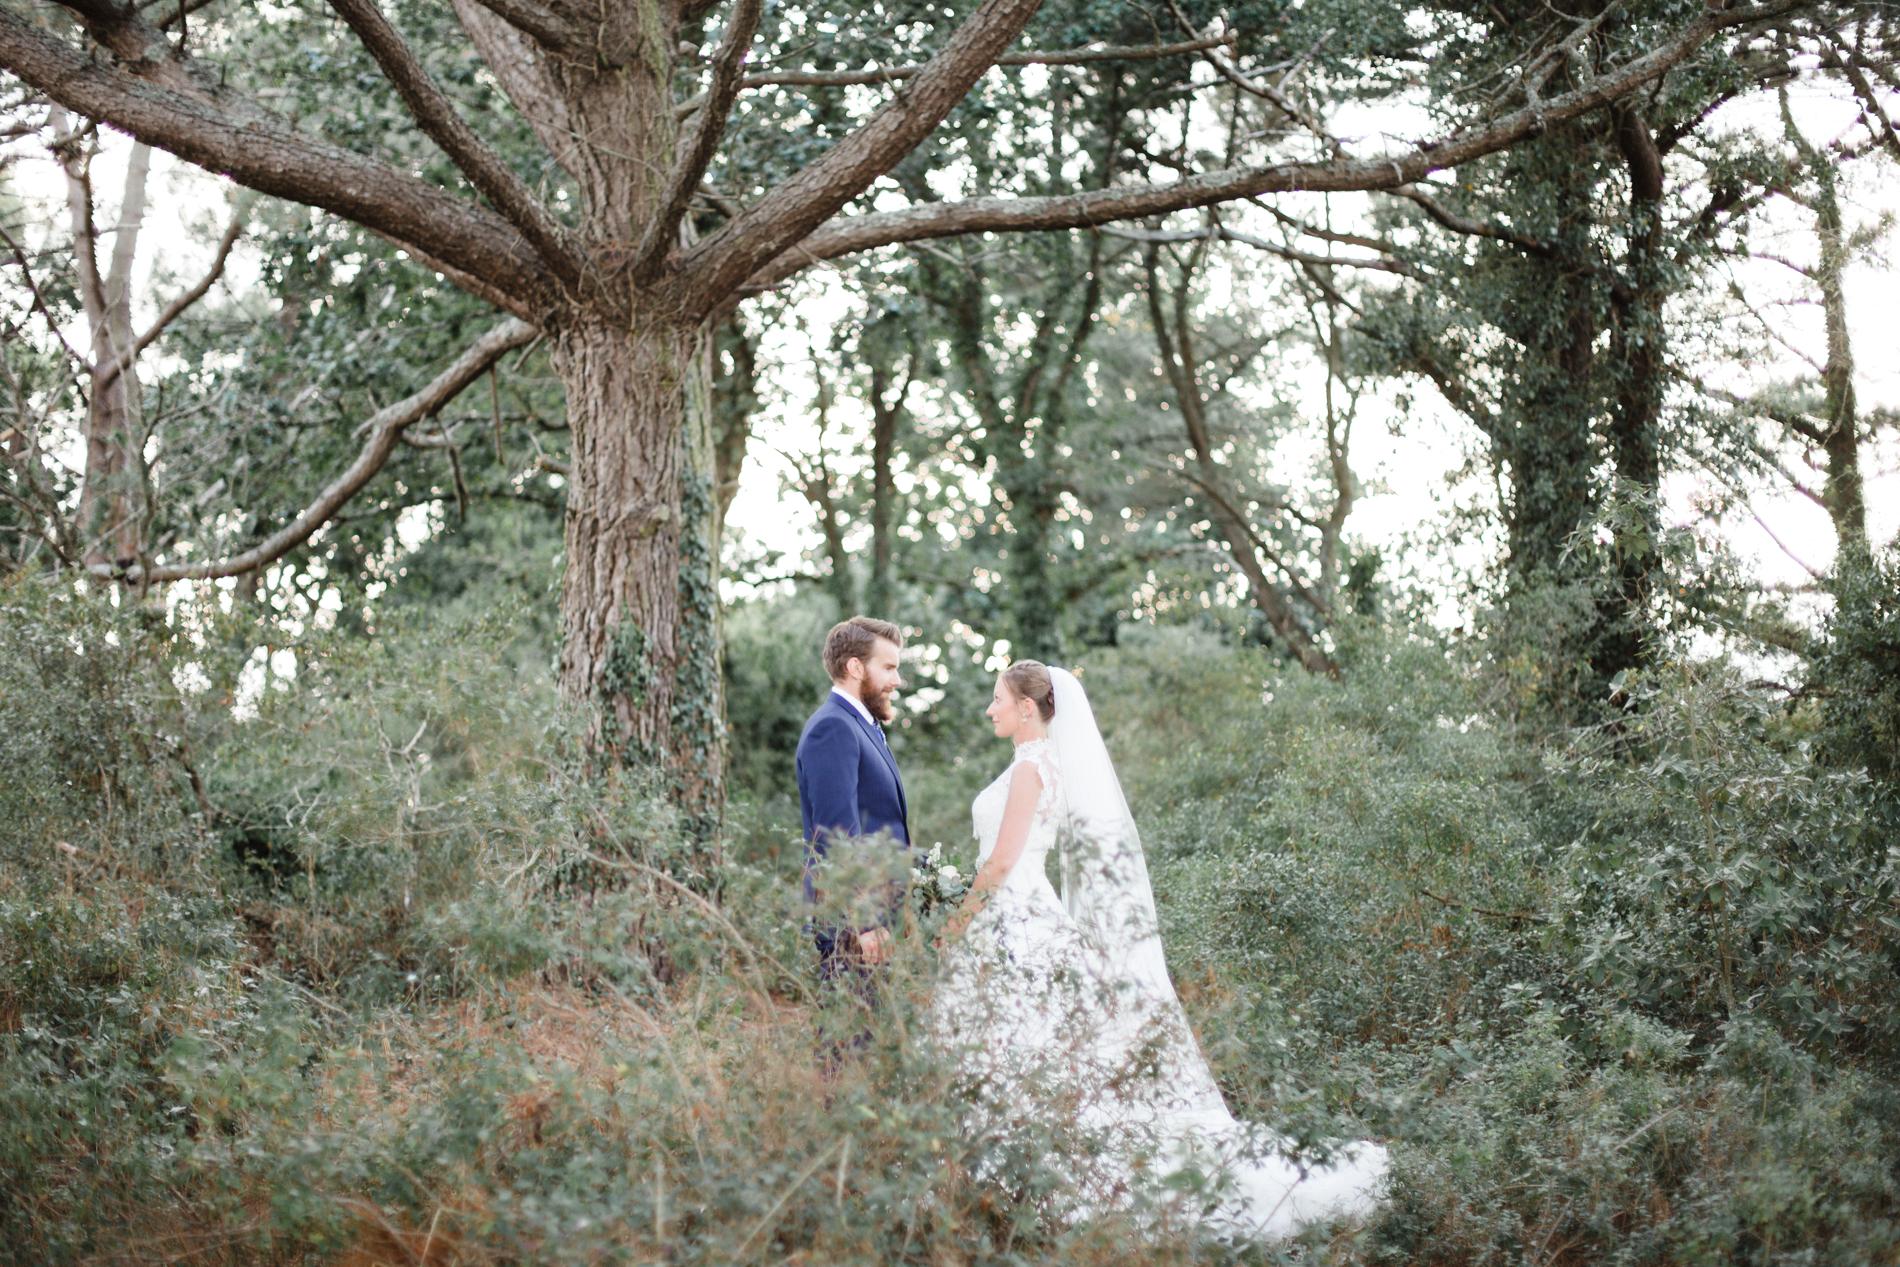 photographe-mariage-bretagne-maria-thomas-90